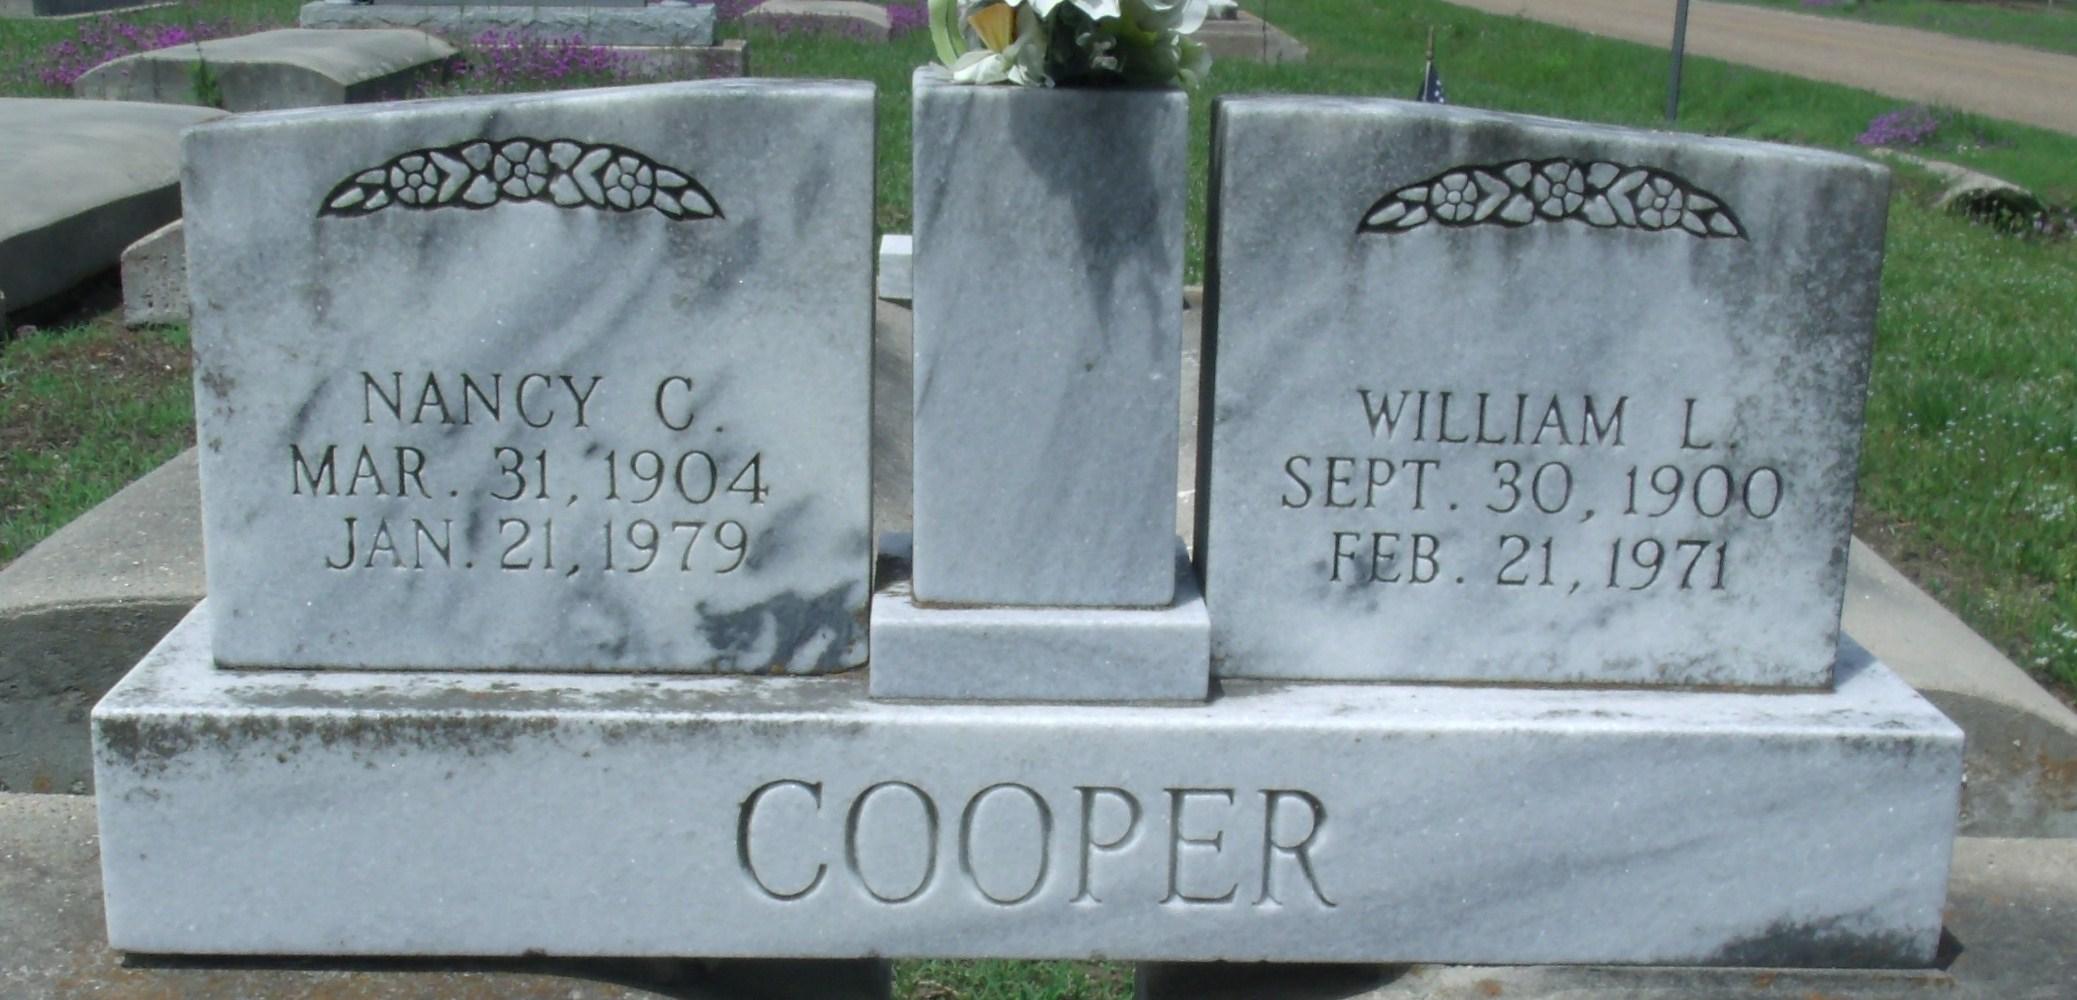 Willie L Cooper